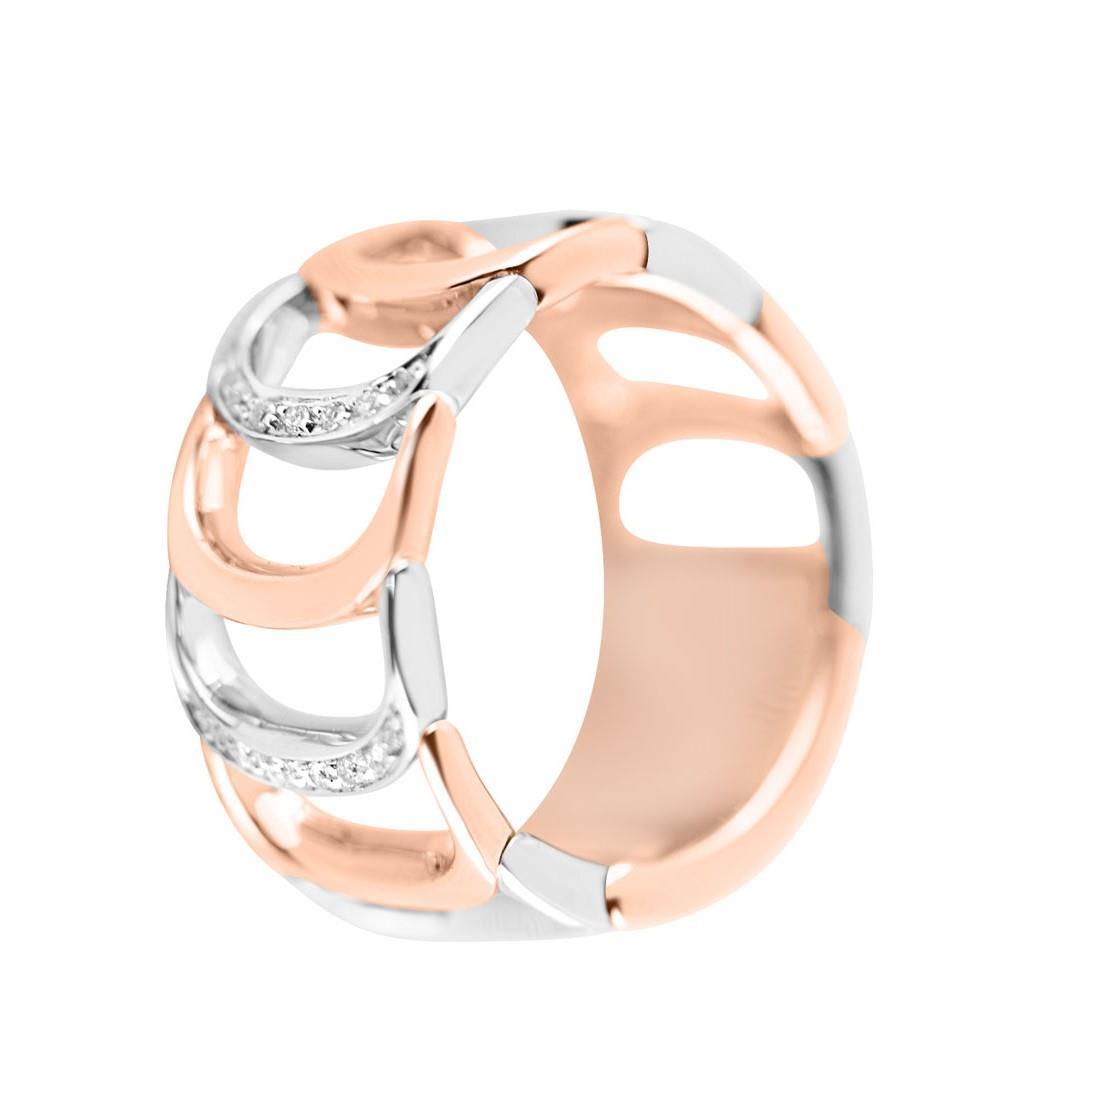 Anello in oro bianco e oro rosa con diamanti - DAMIANI